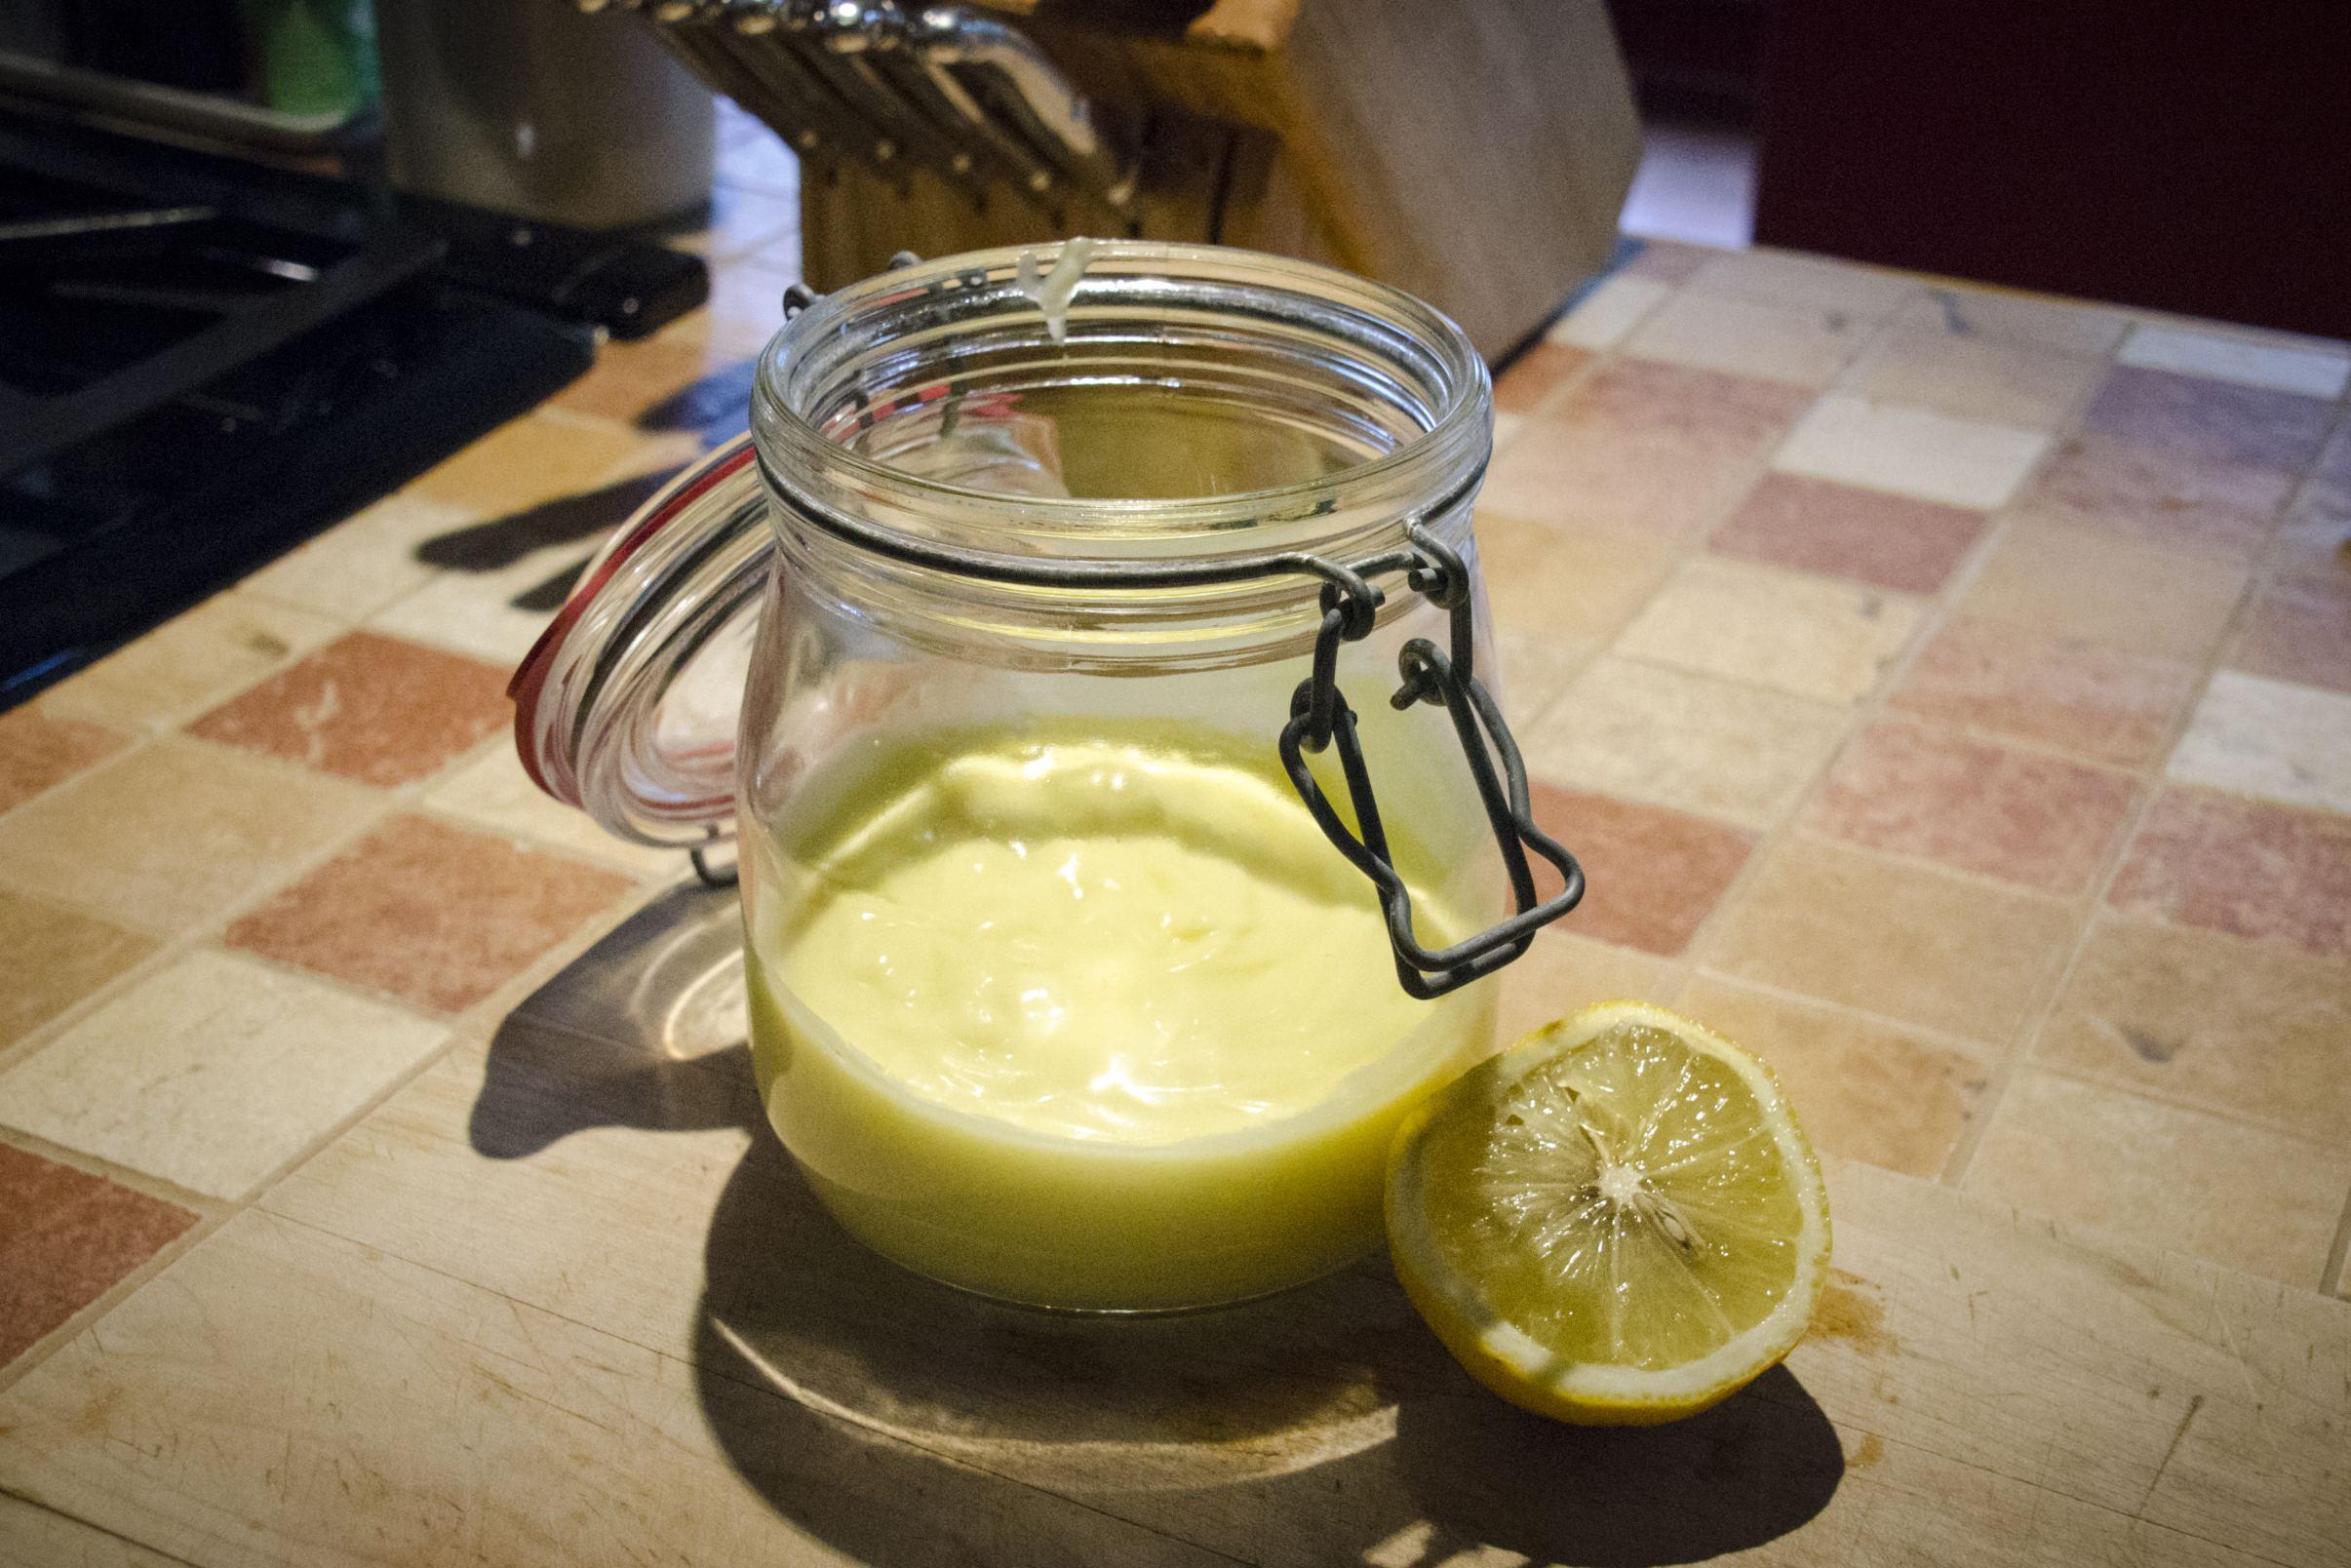 Recette comment faire une mayonnaise c c cedric lizotte for Comment recuperer une mayonnaise